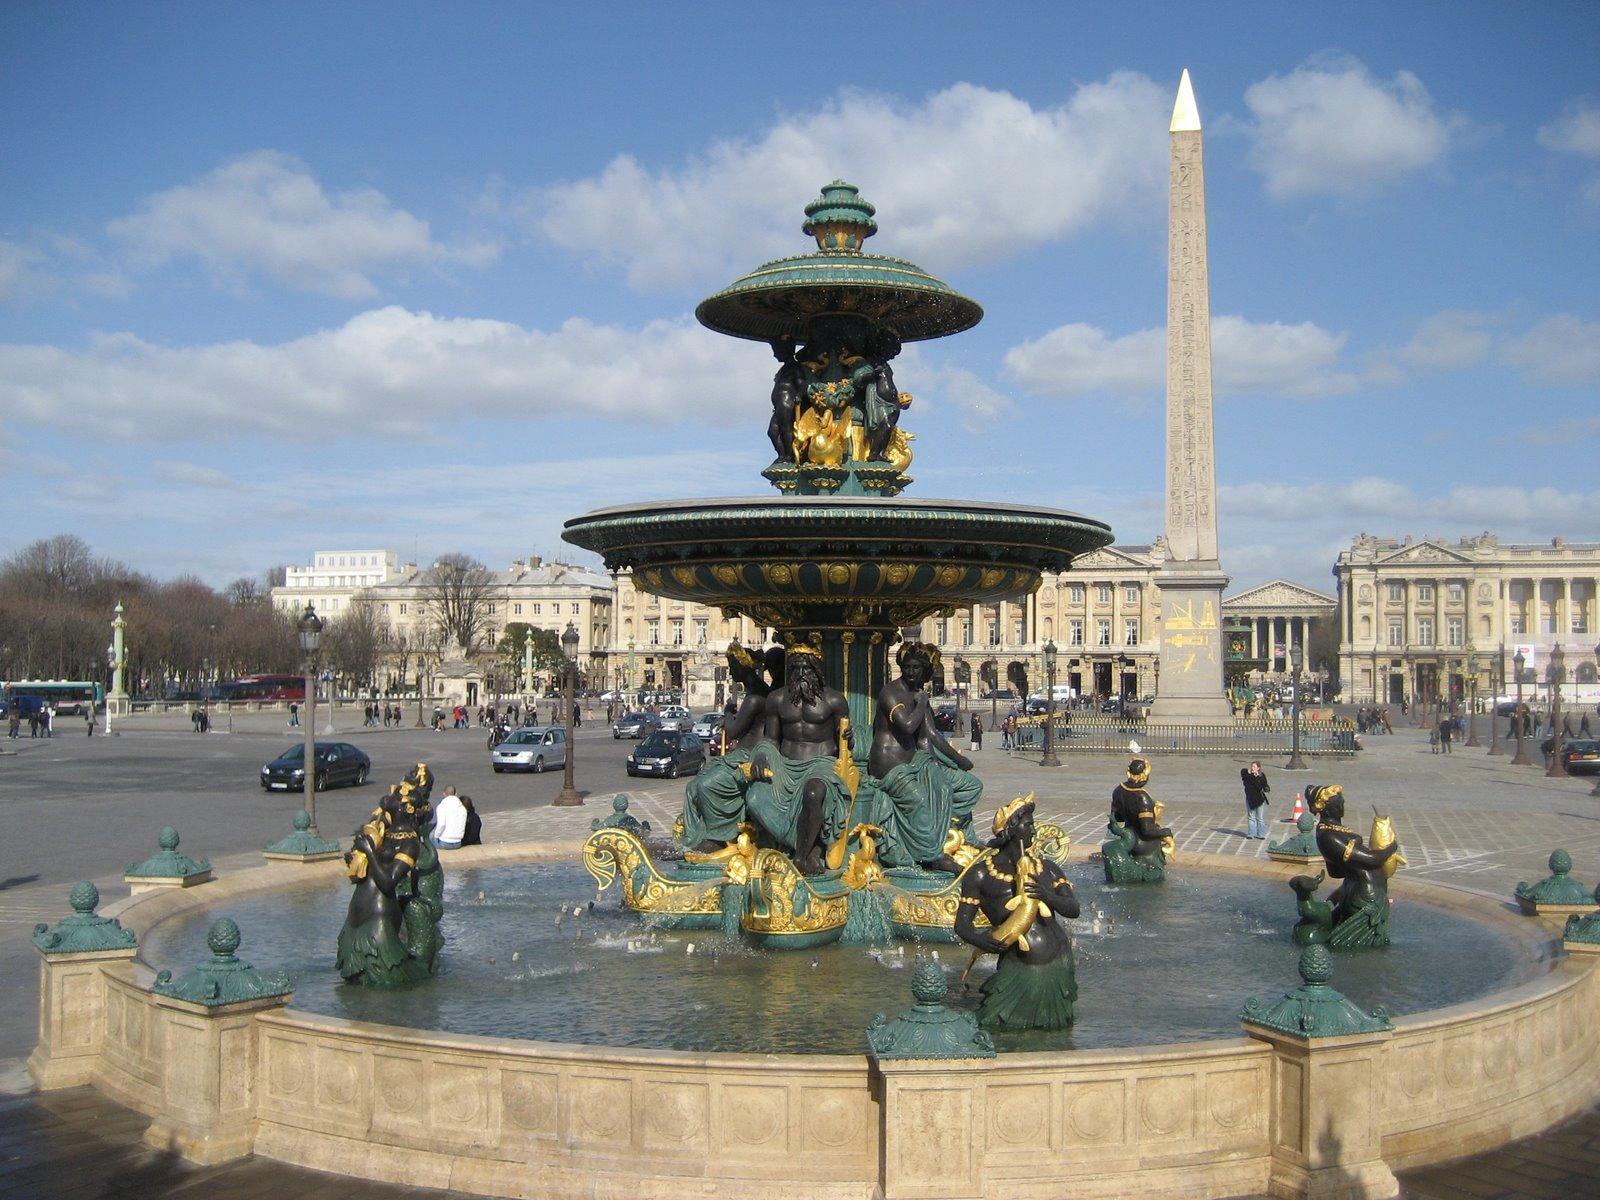 The Fountain on the Place de la Concorde